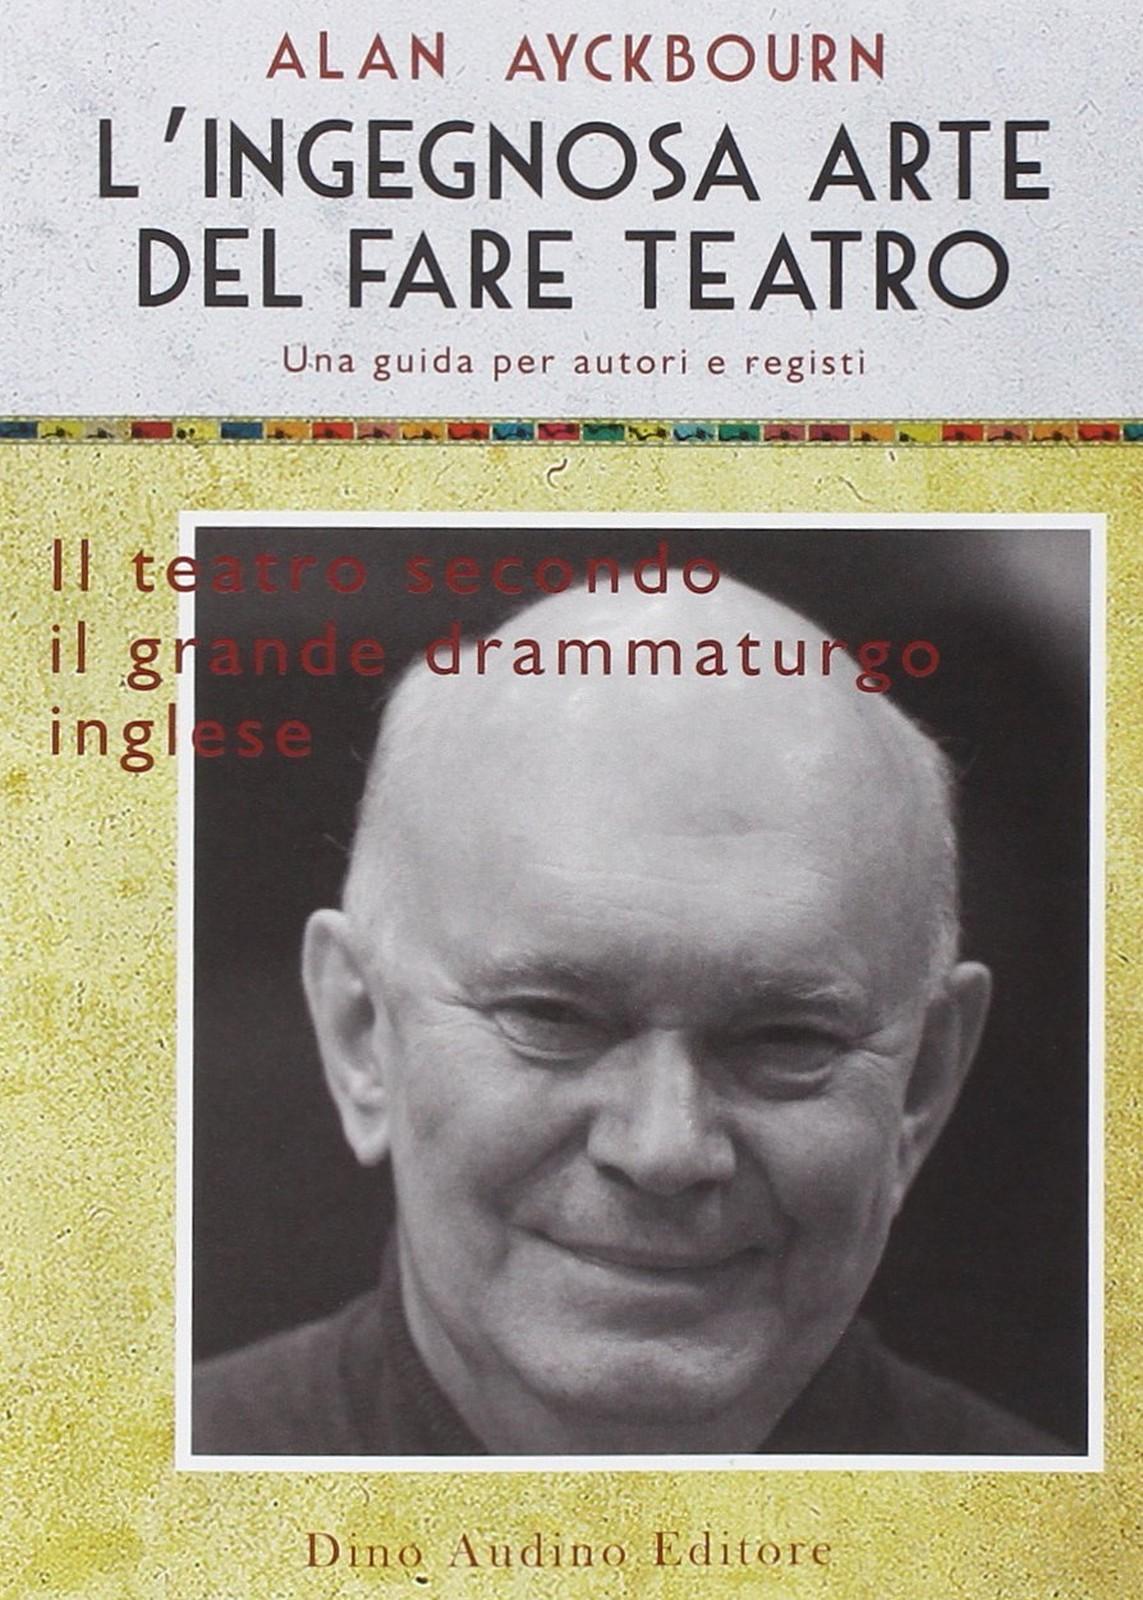 L'ingegnosa arte del fare teatro